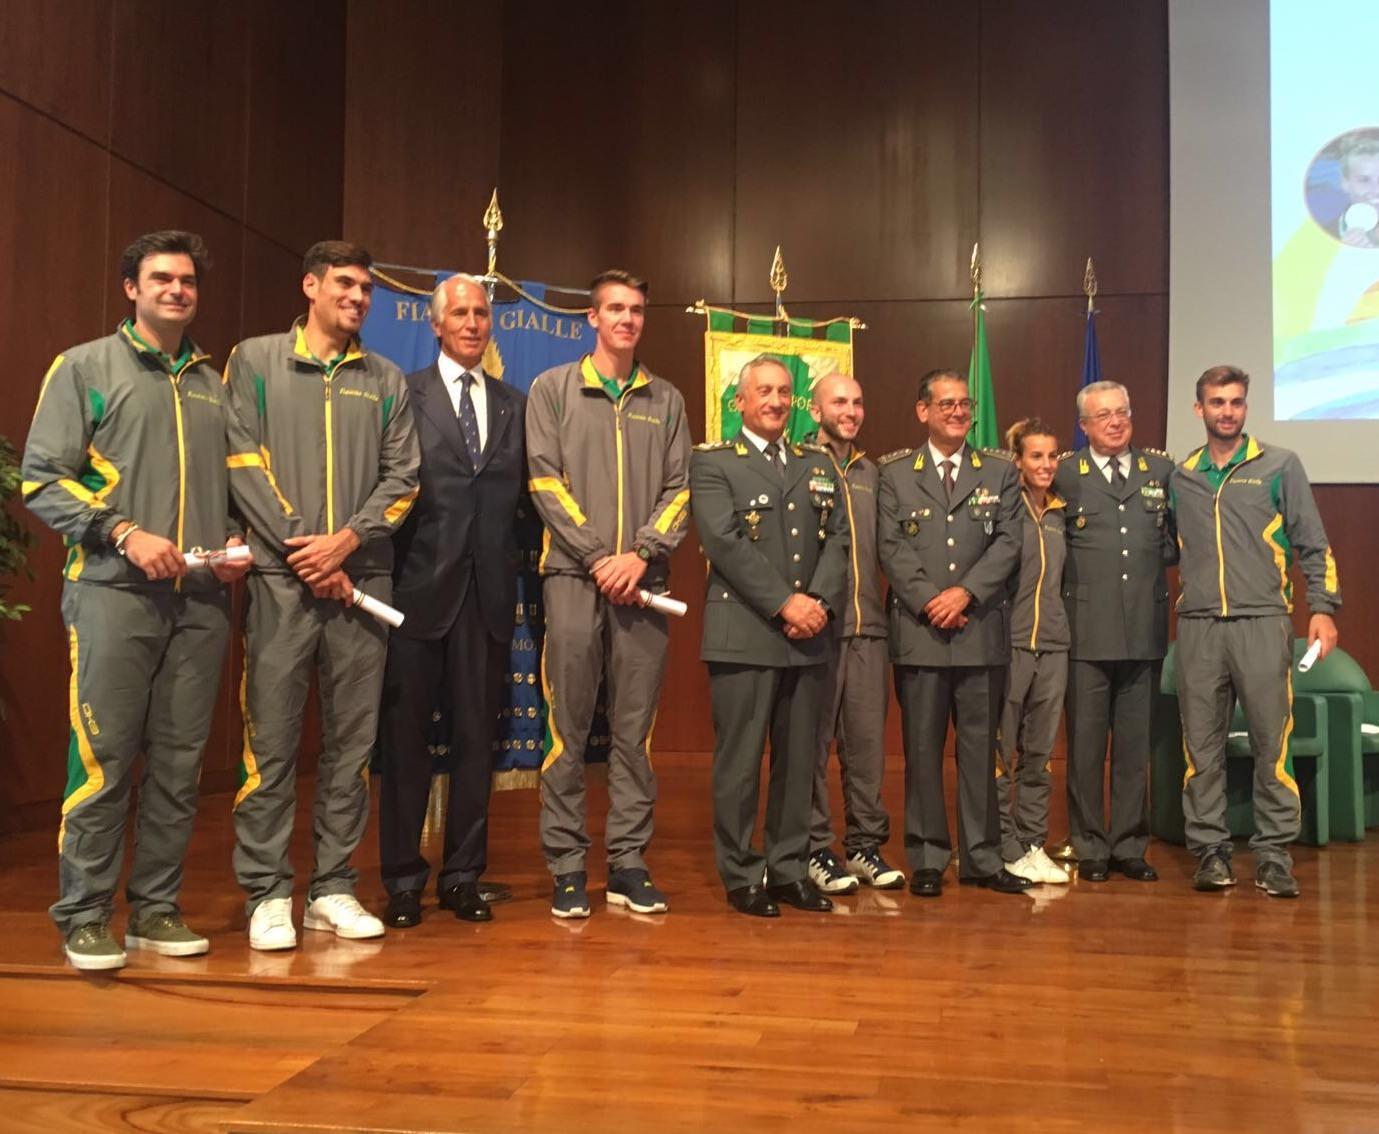 Premiati a Roma gli atleti di Rio 2016 che vestono la divisa della Guardia di Finanza